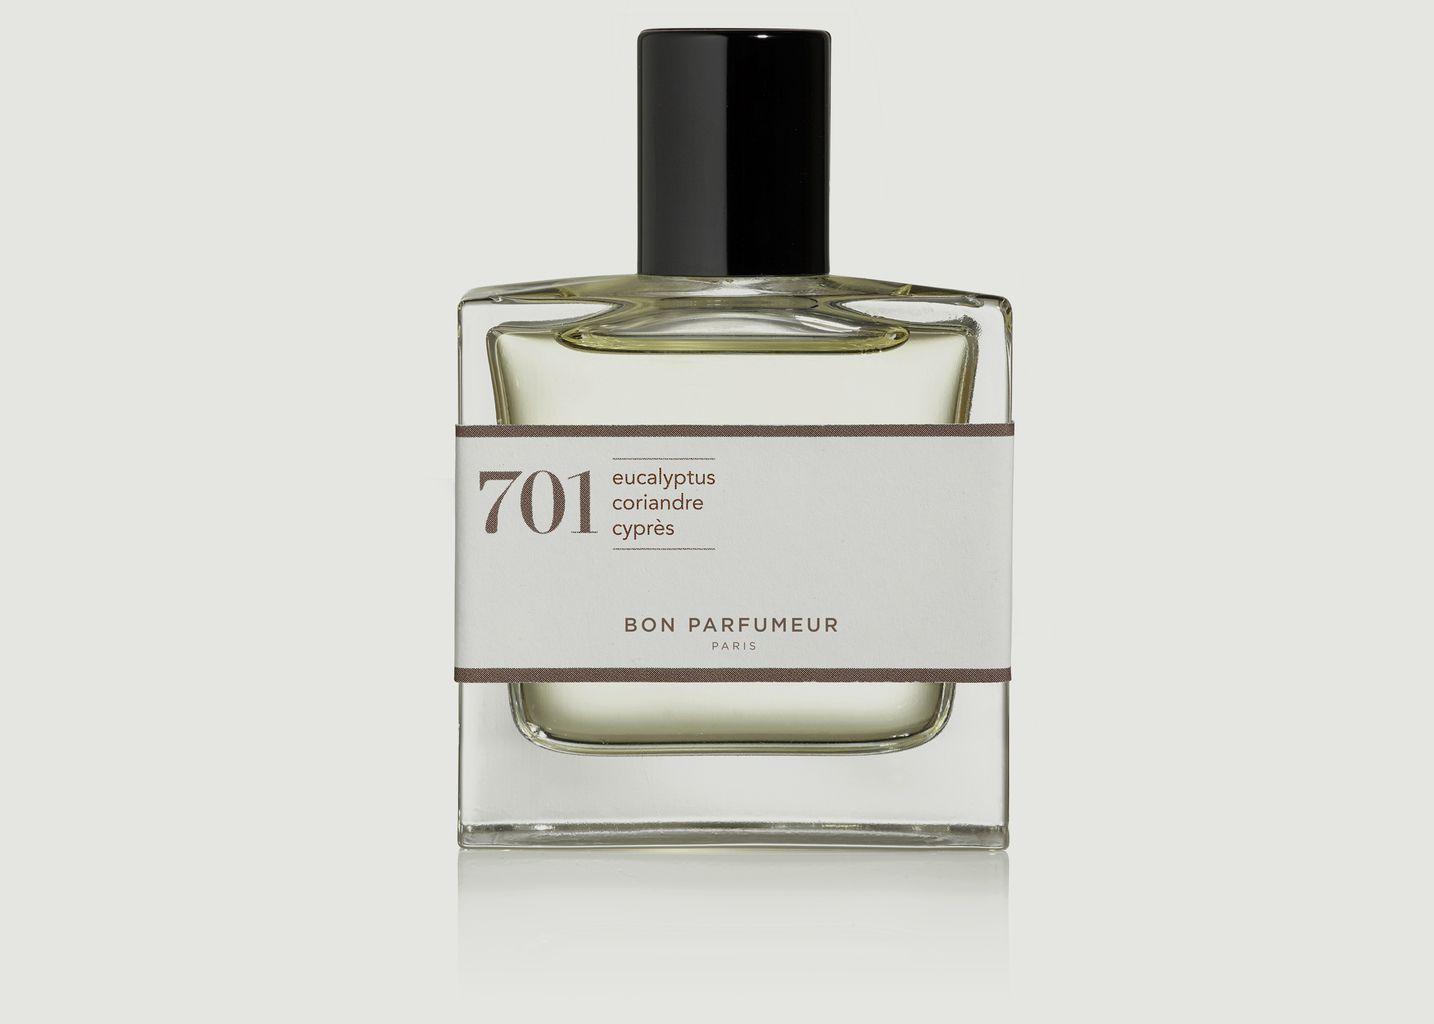 Eau de Parfum 701 - Bon Parfumeur